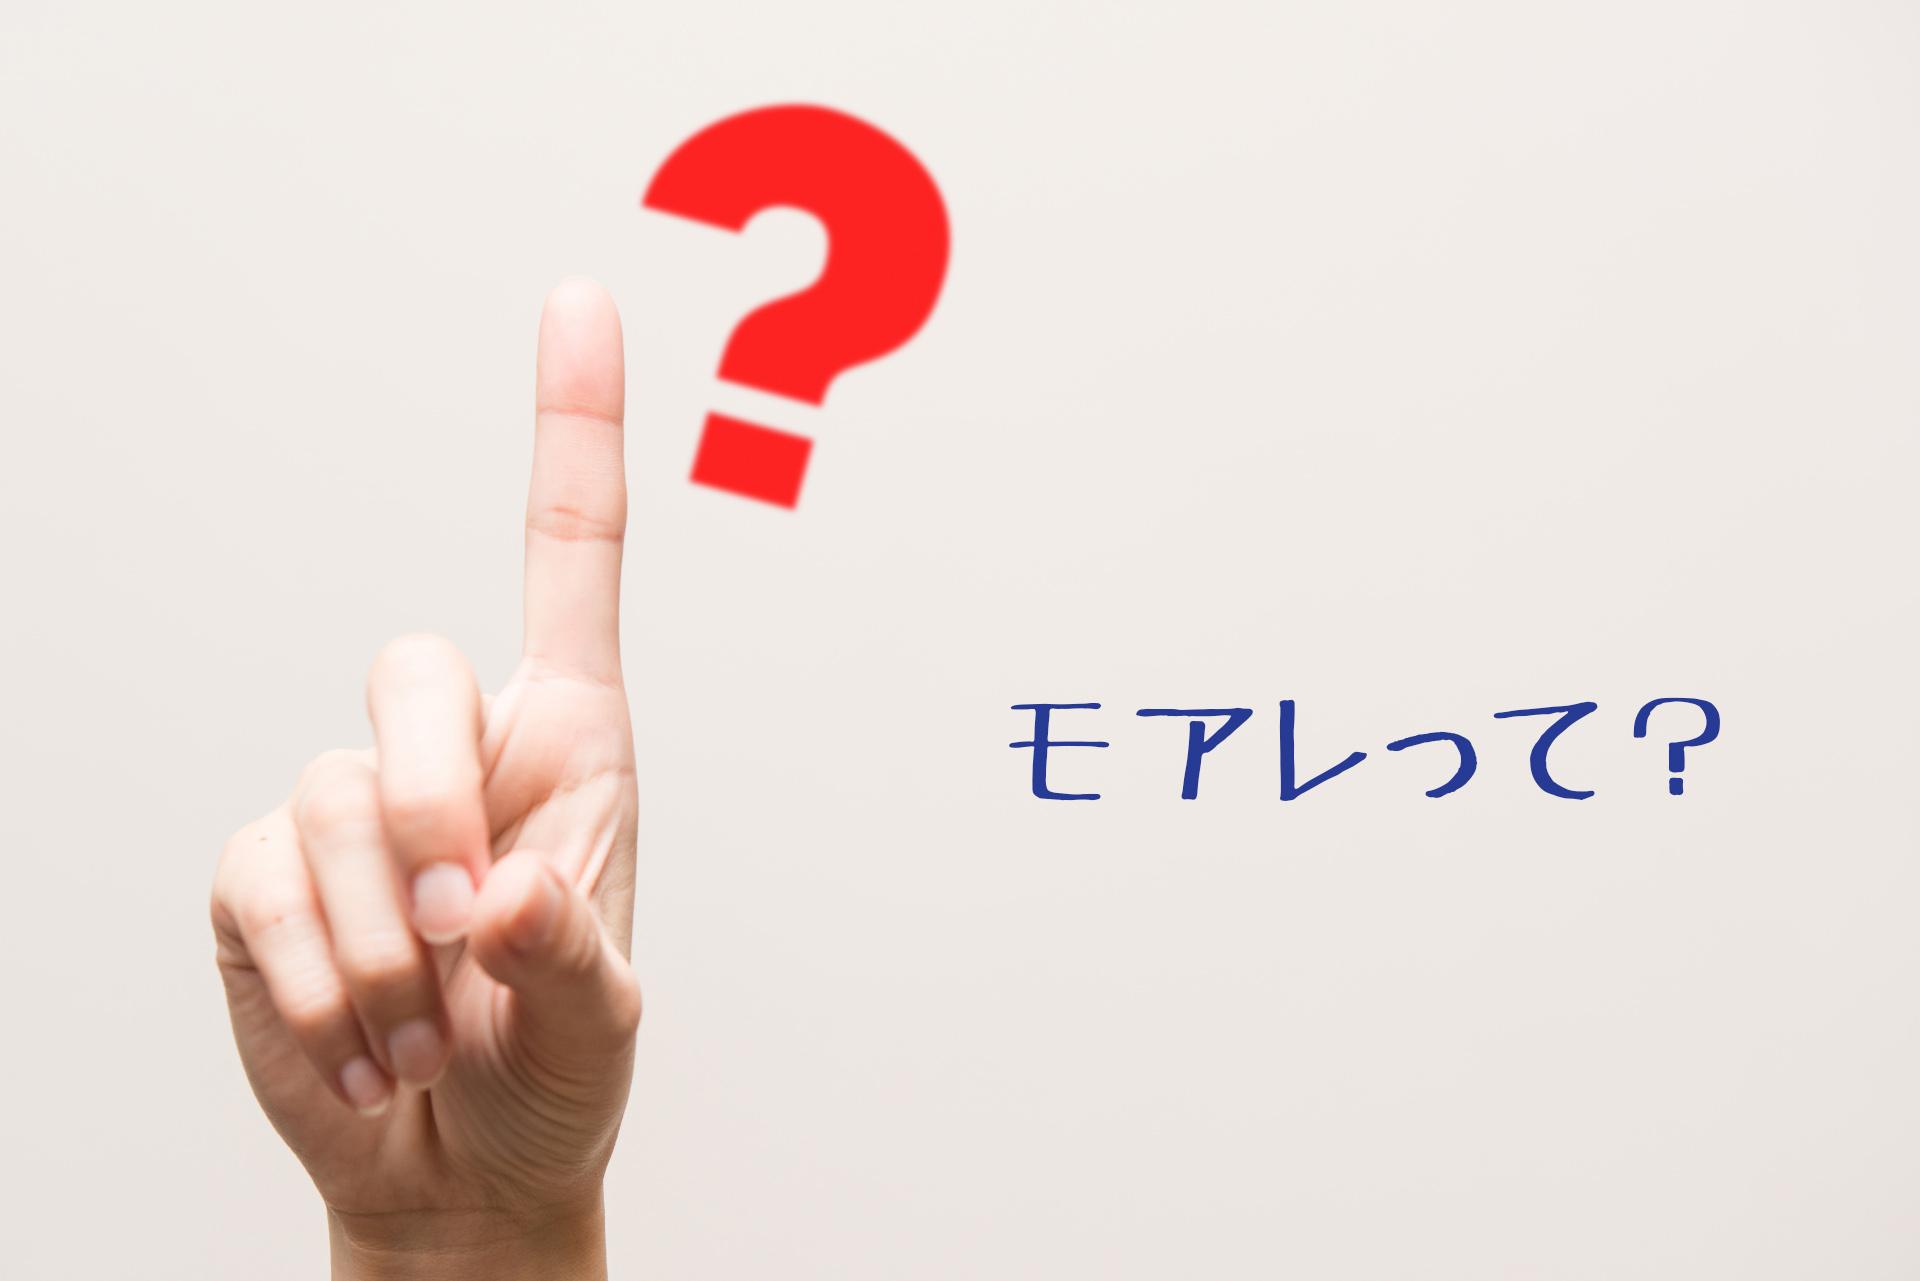 同人誌を印刷する際に起きるモアレって?|大阪で同人誌を作る方へ